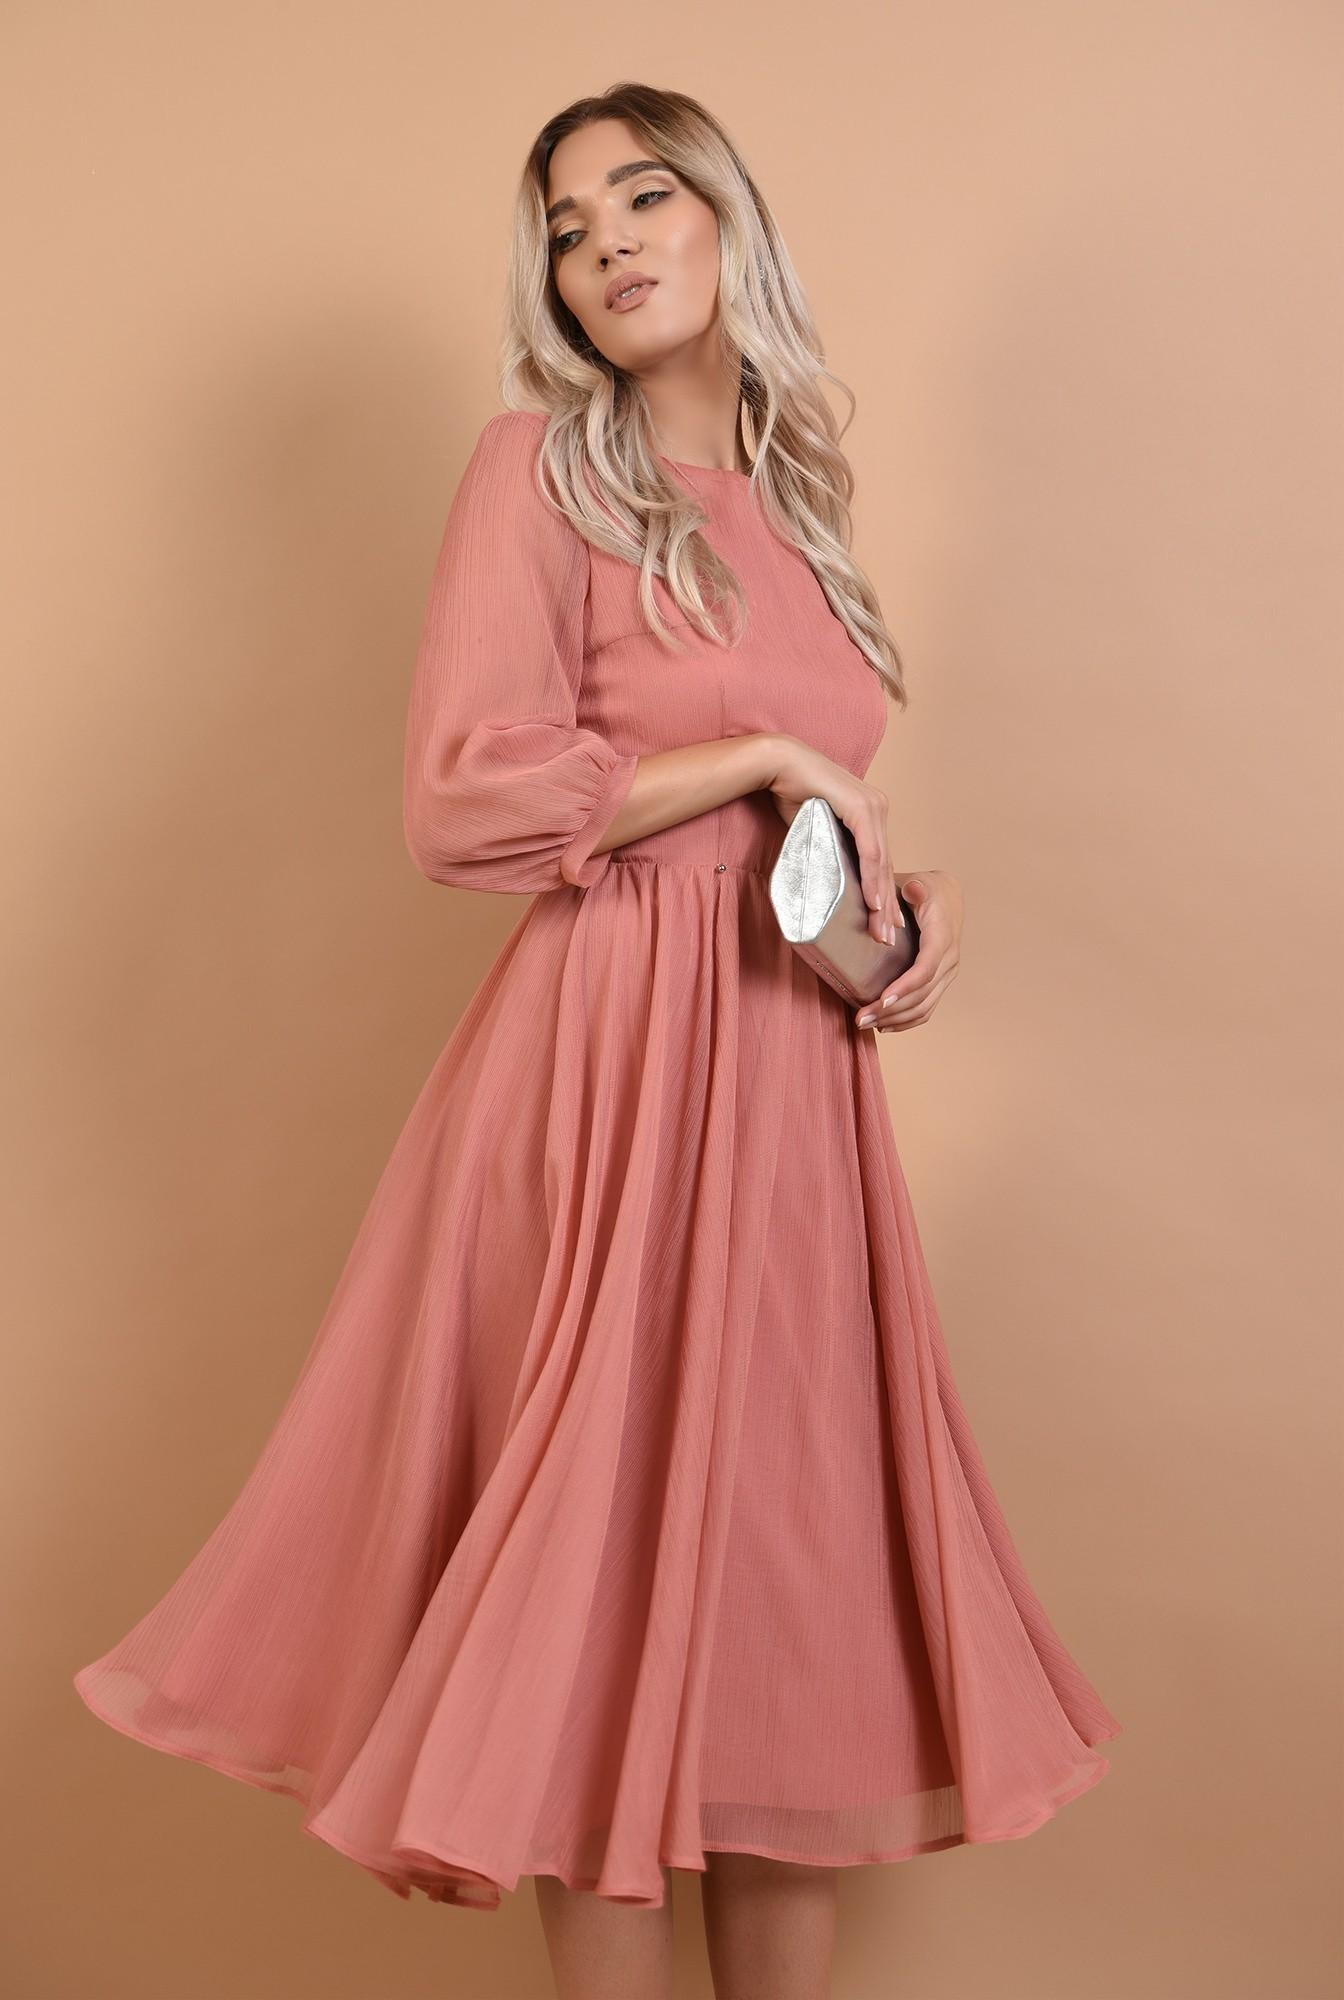 2 - rochie roz, de ocazie, midi, decolteu la baza gatului